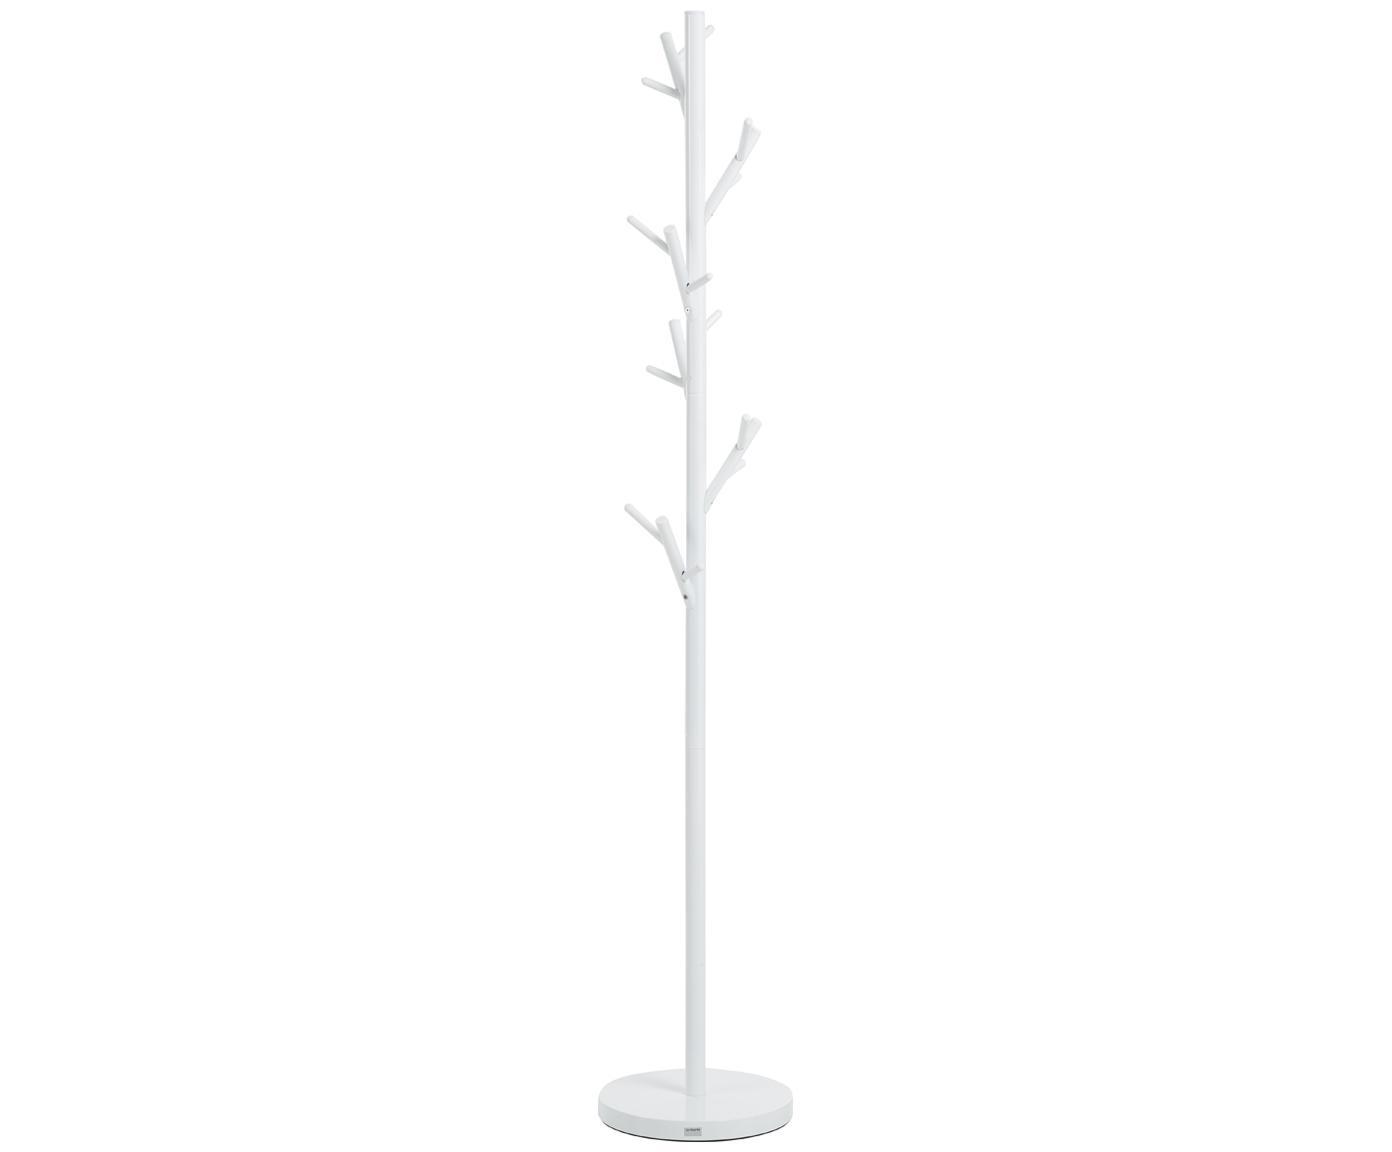 Kapstok Tree met 18 Haken, Gepoedercoat staal, Wit, Ø 28 x H 170 cm